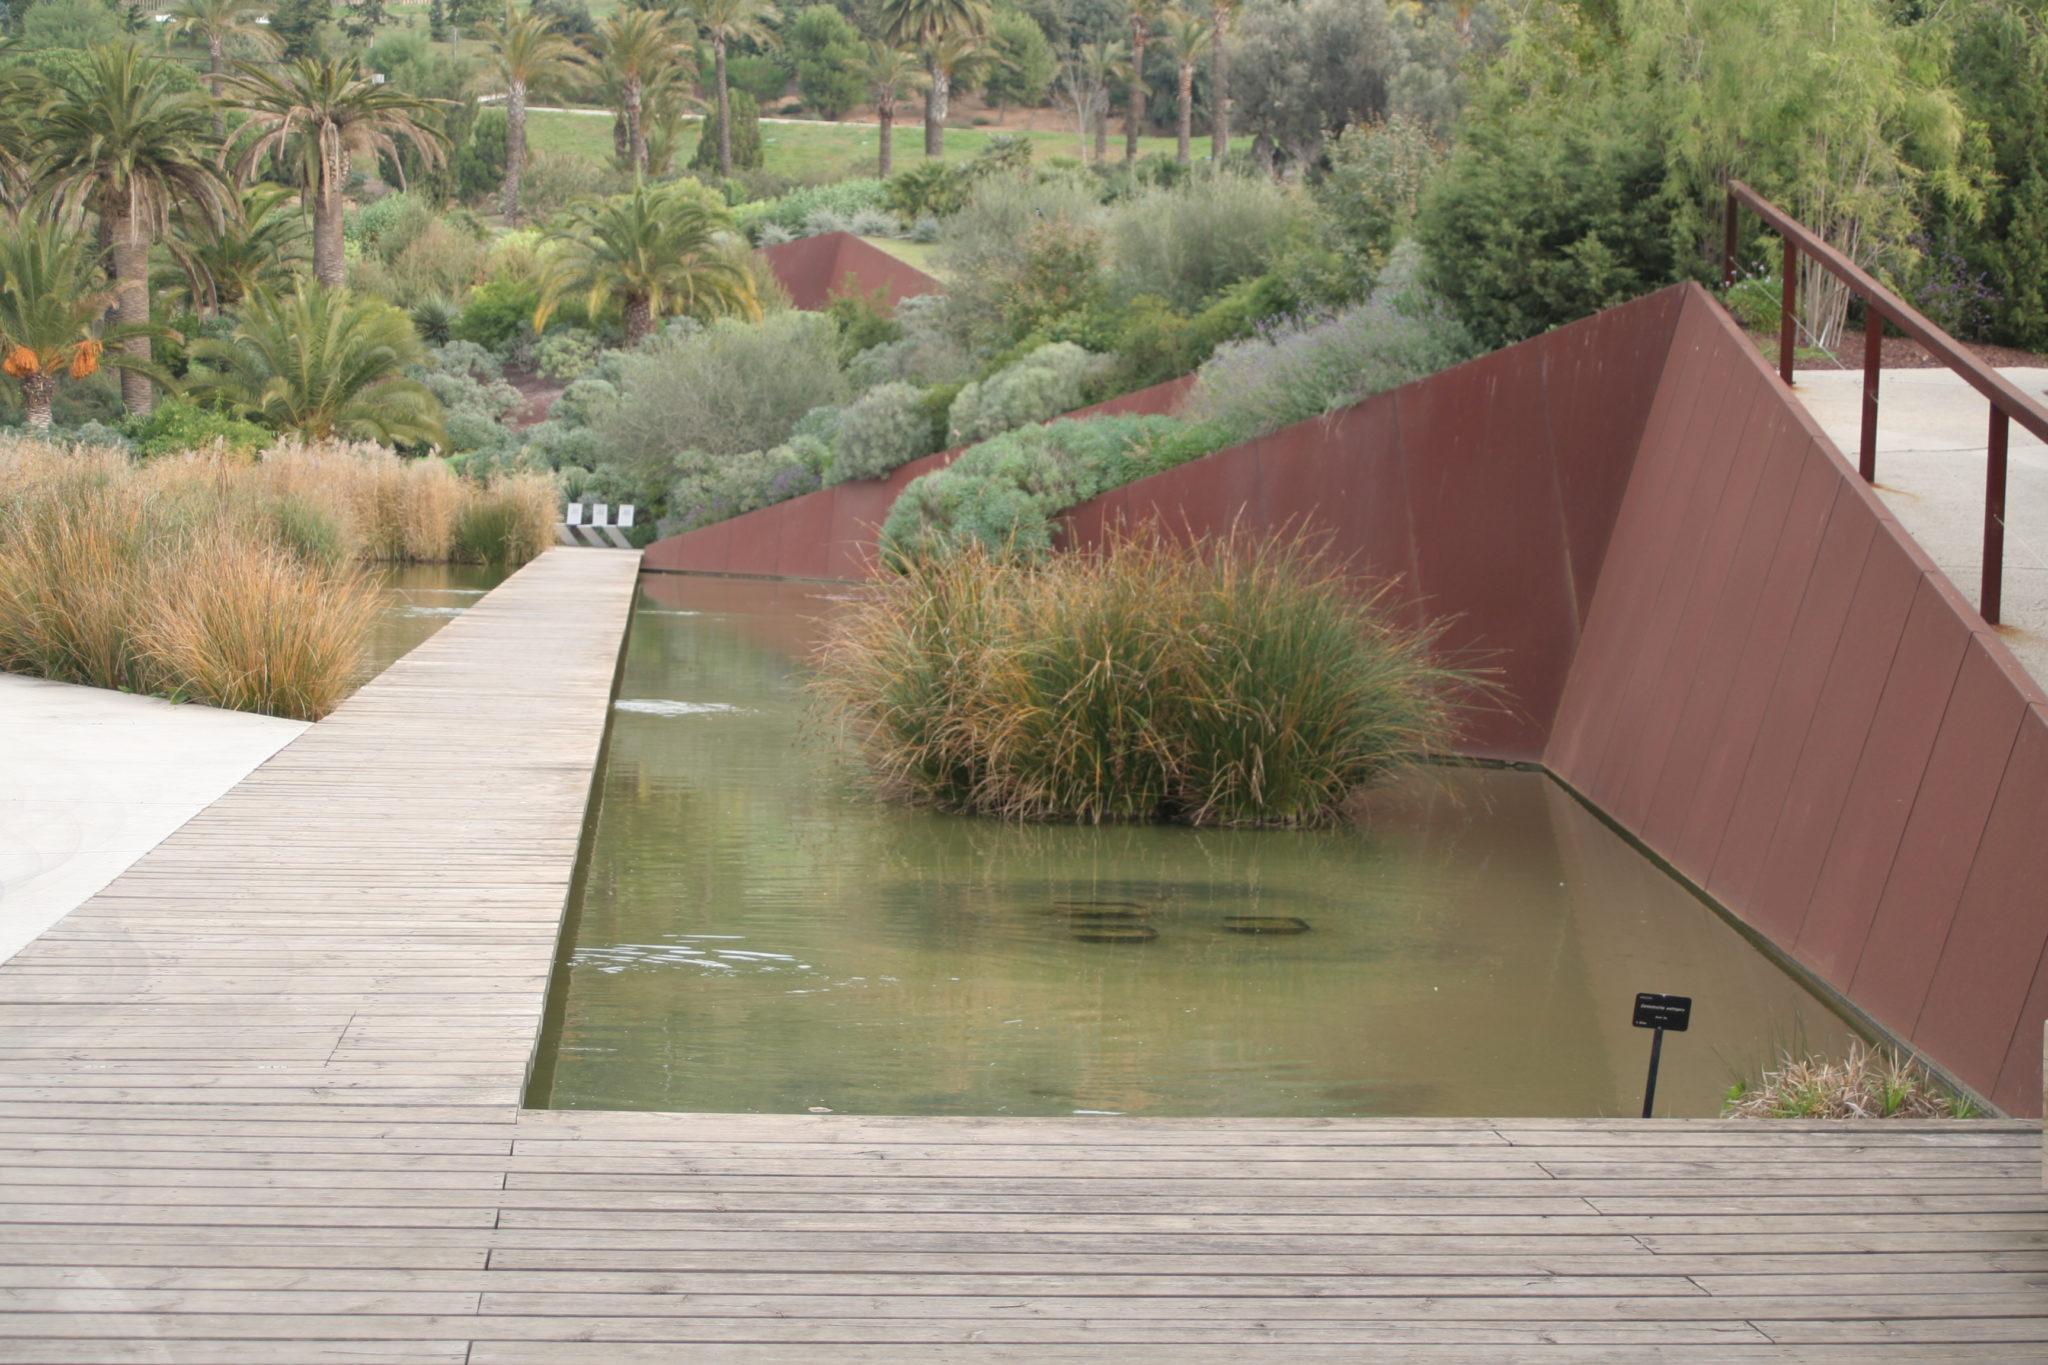 Botanico 002 noticias de paisajismo arte naturaleza y for Inscripcion jardin 2015